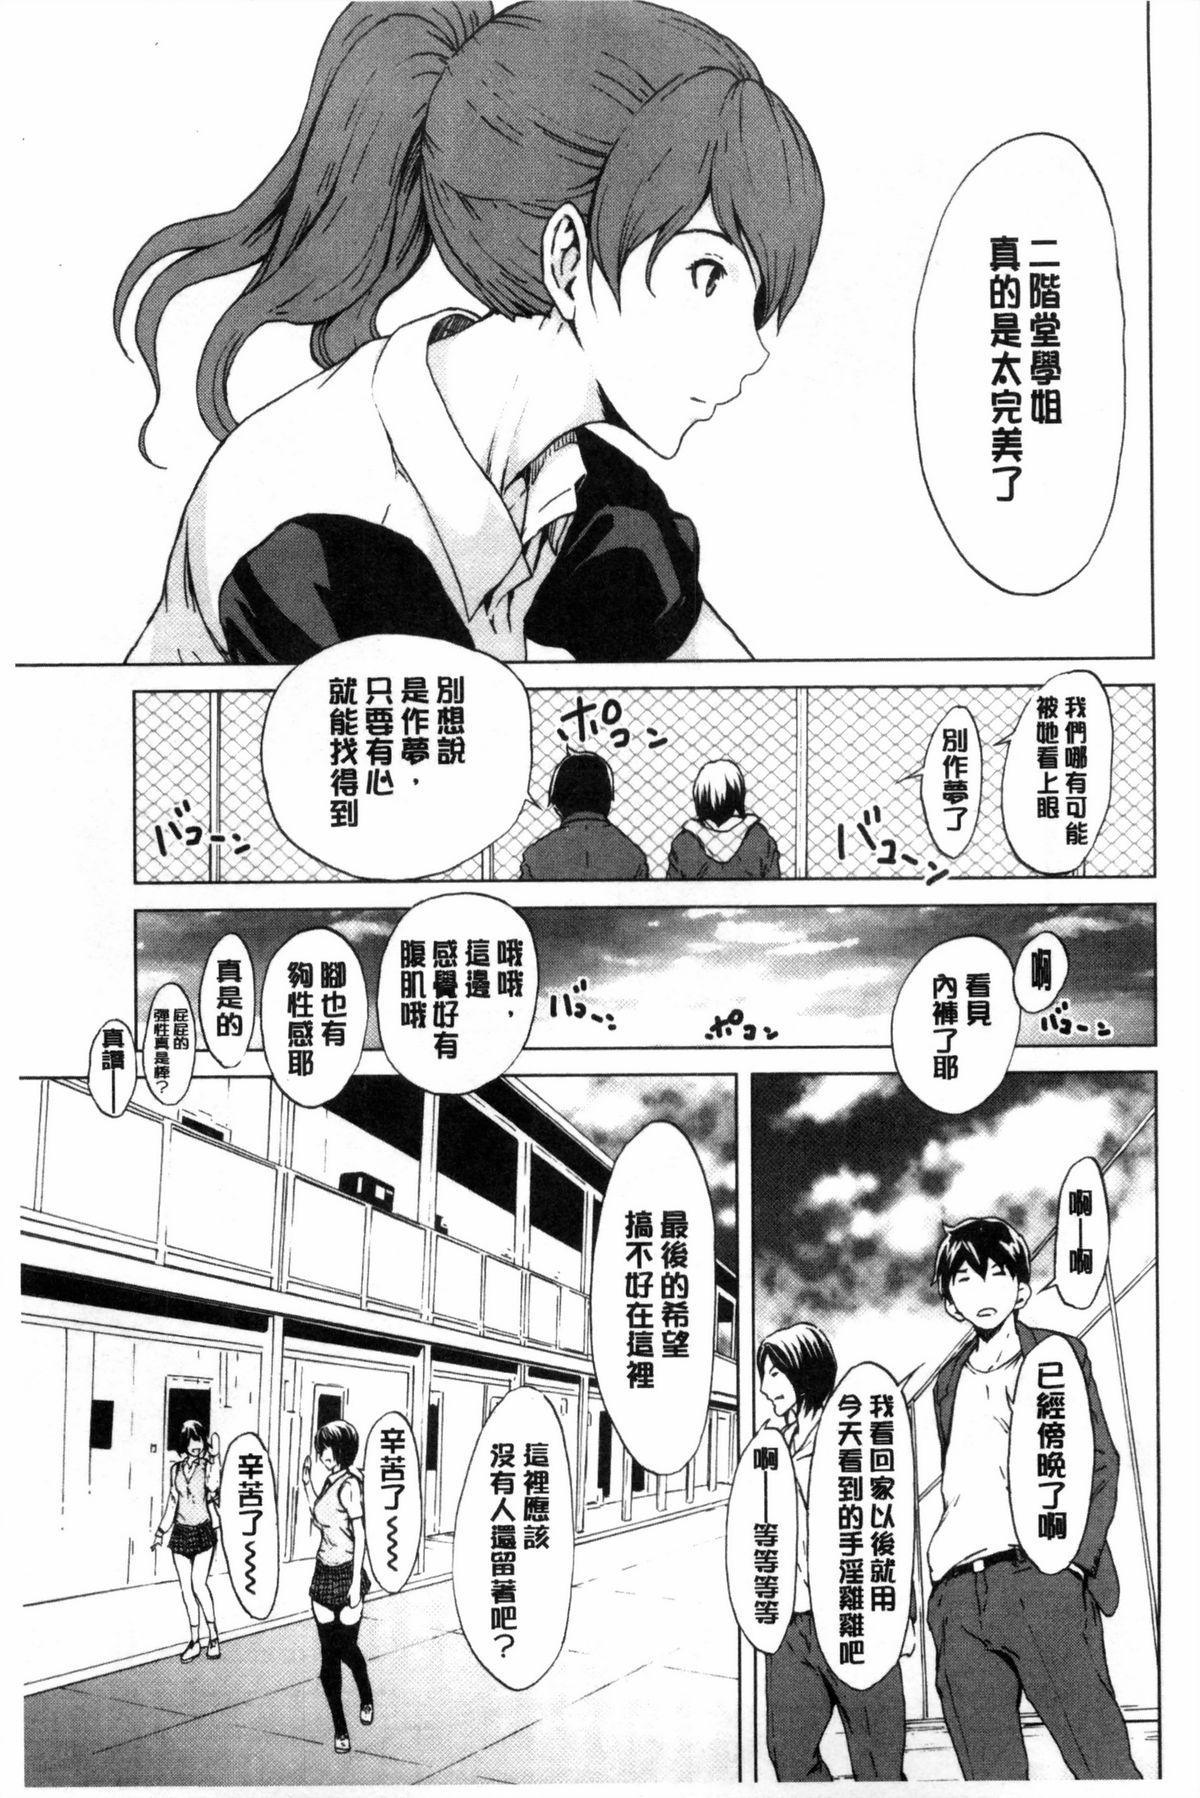 Kairaku Gakuen 149